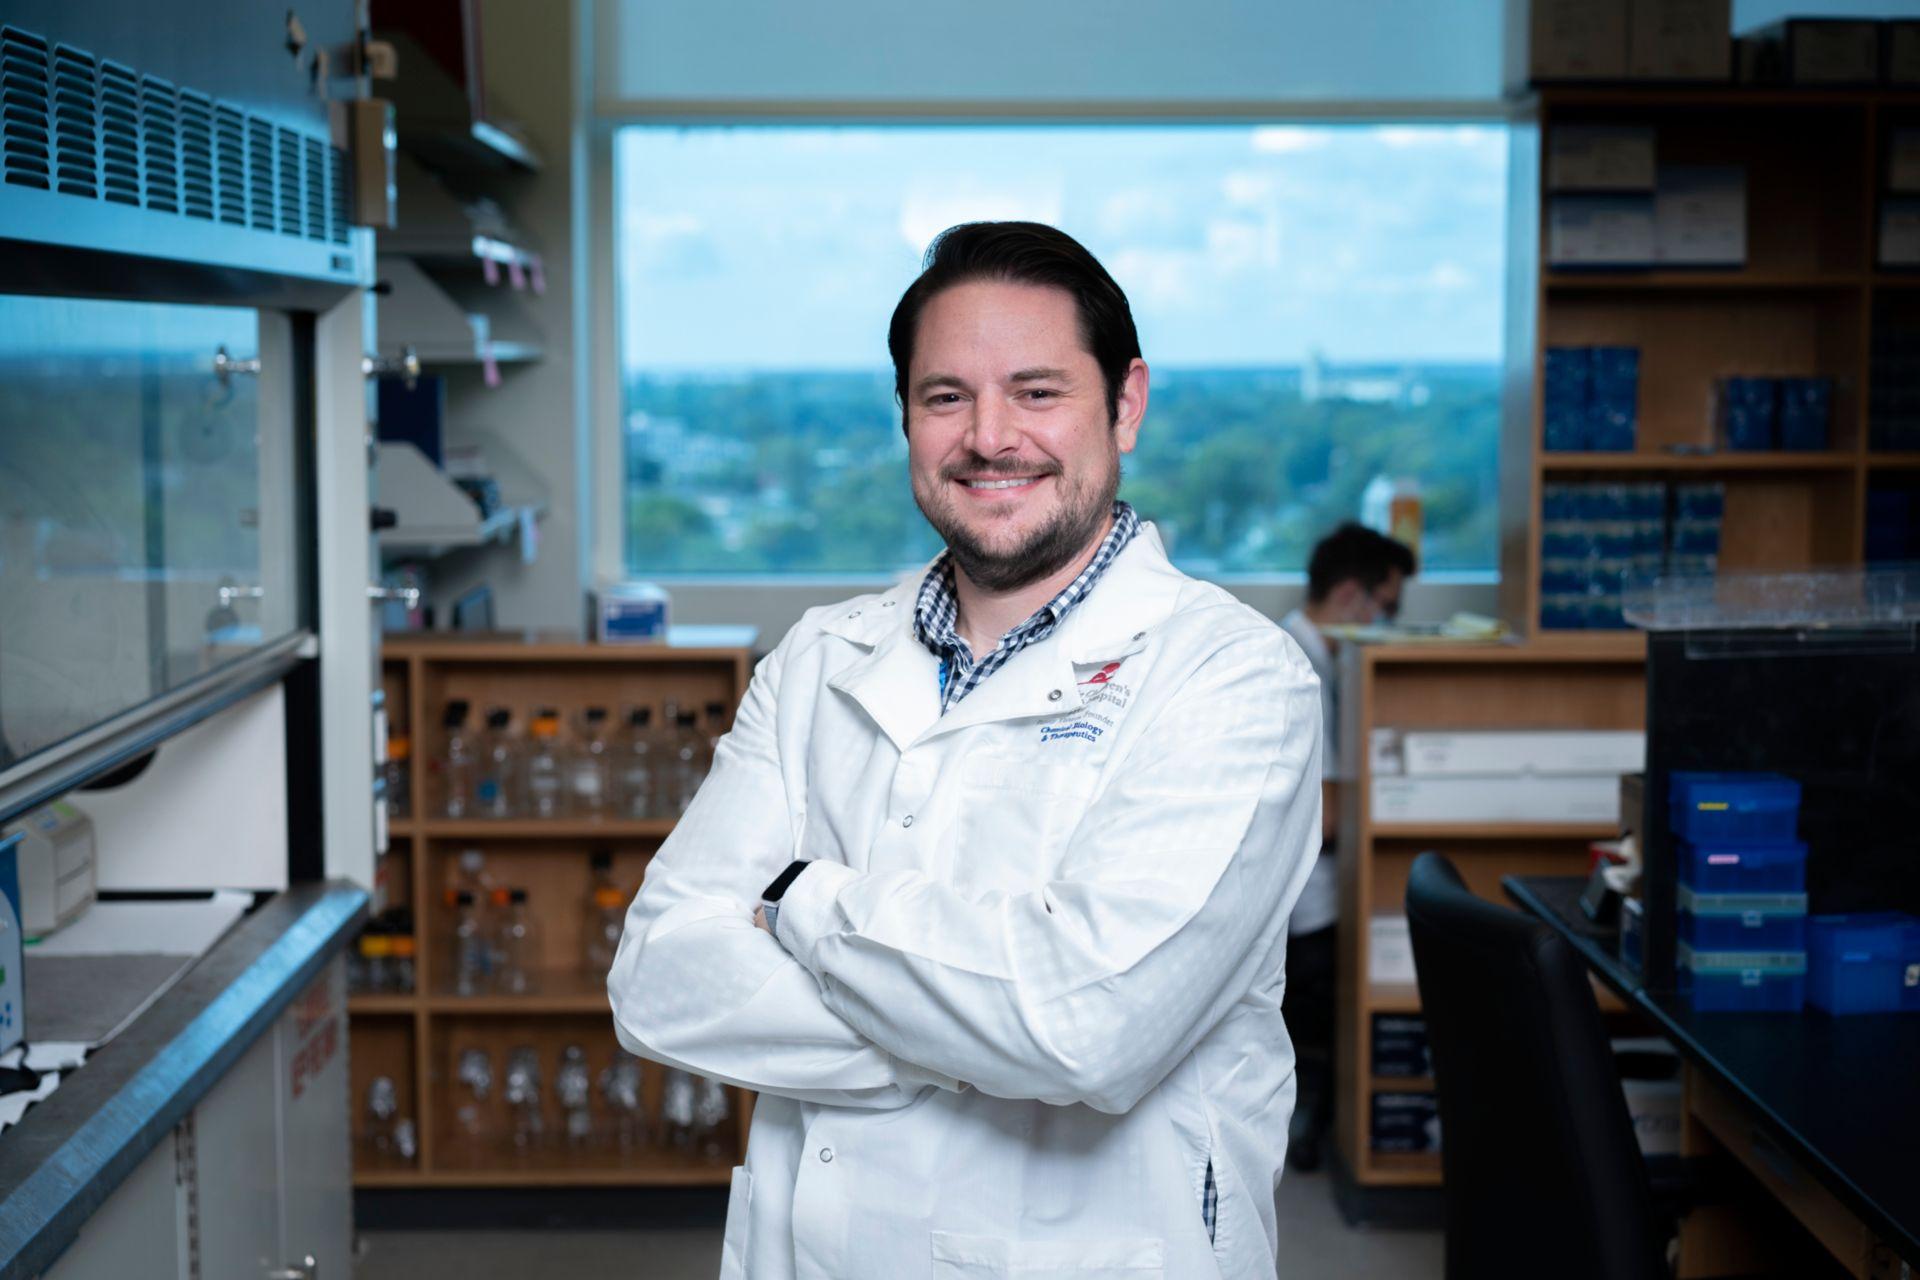 Steven Phillips, PhD